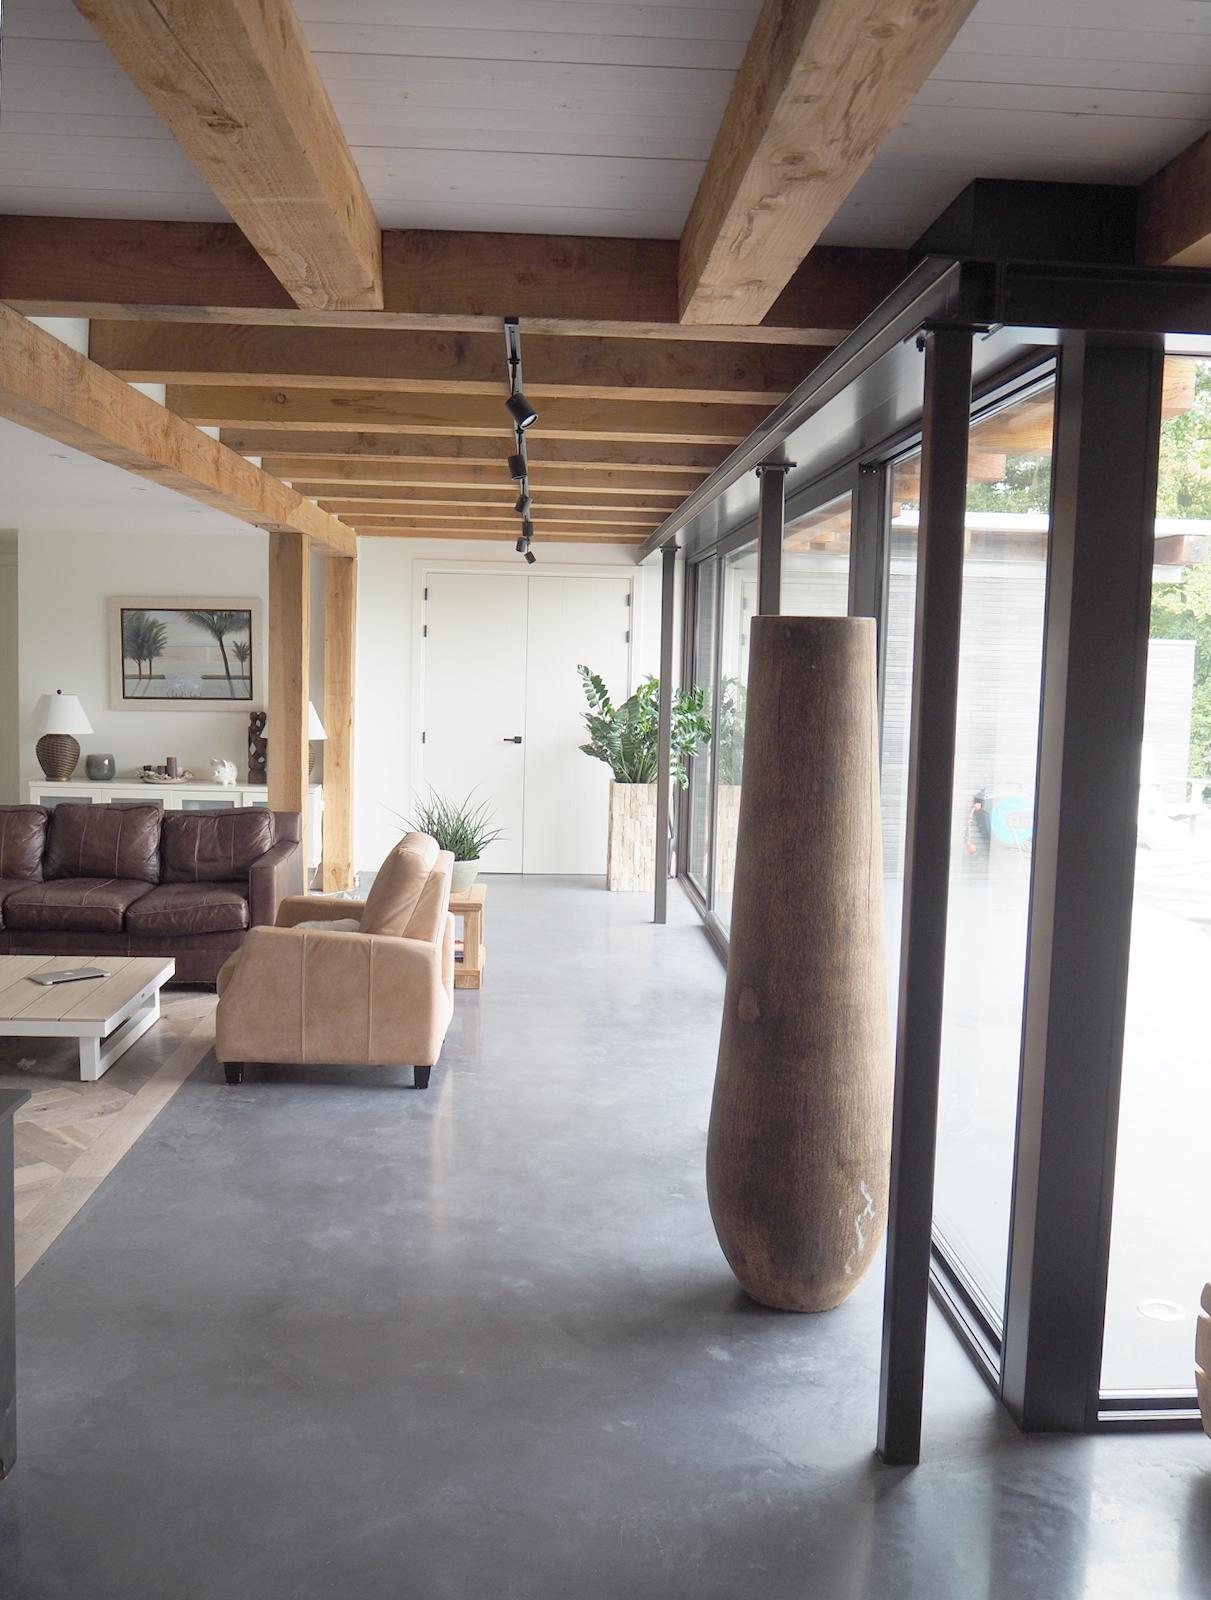 limmen_jeroendenijs_bni_architect_interior_kitchenview